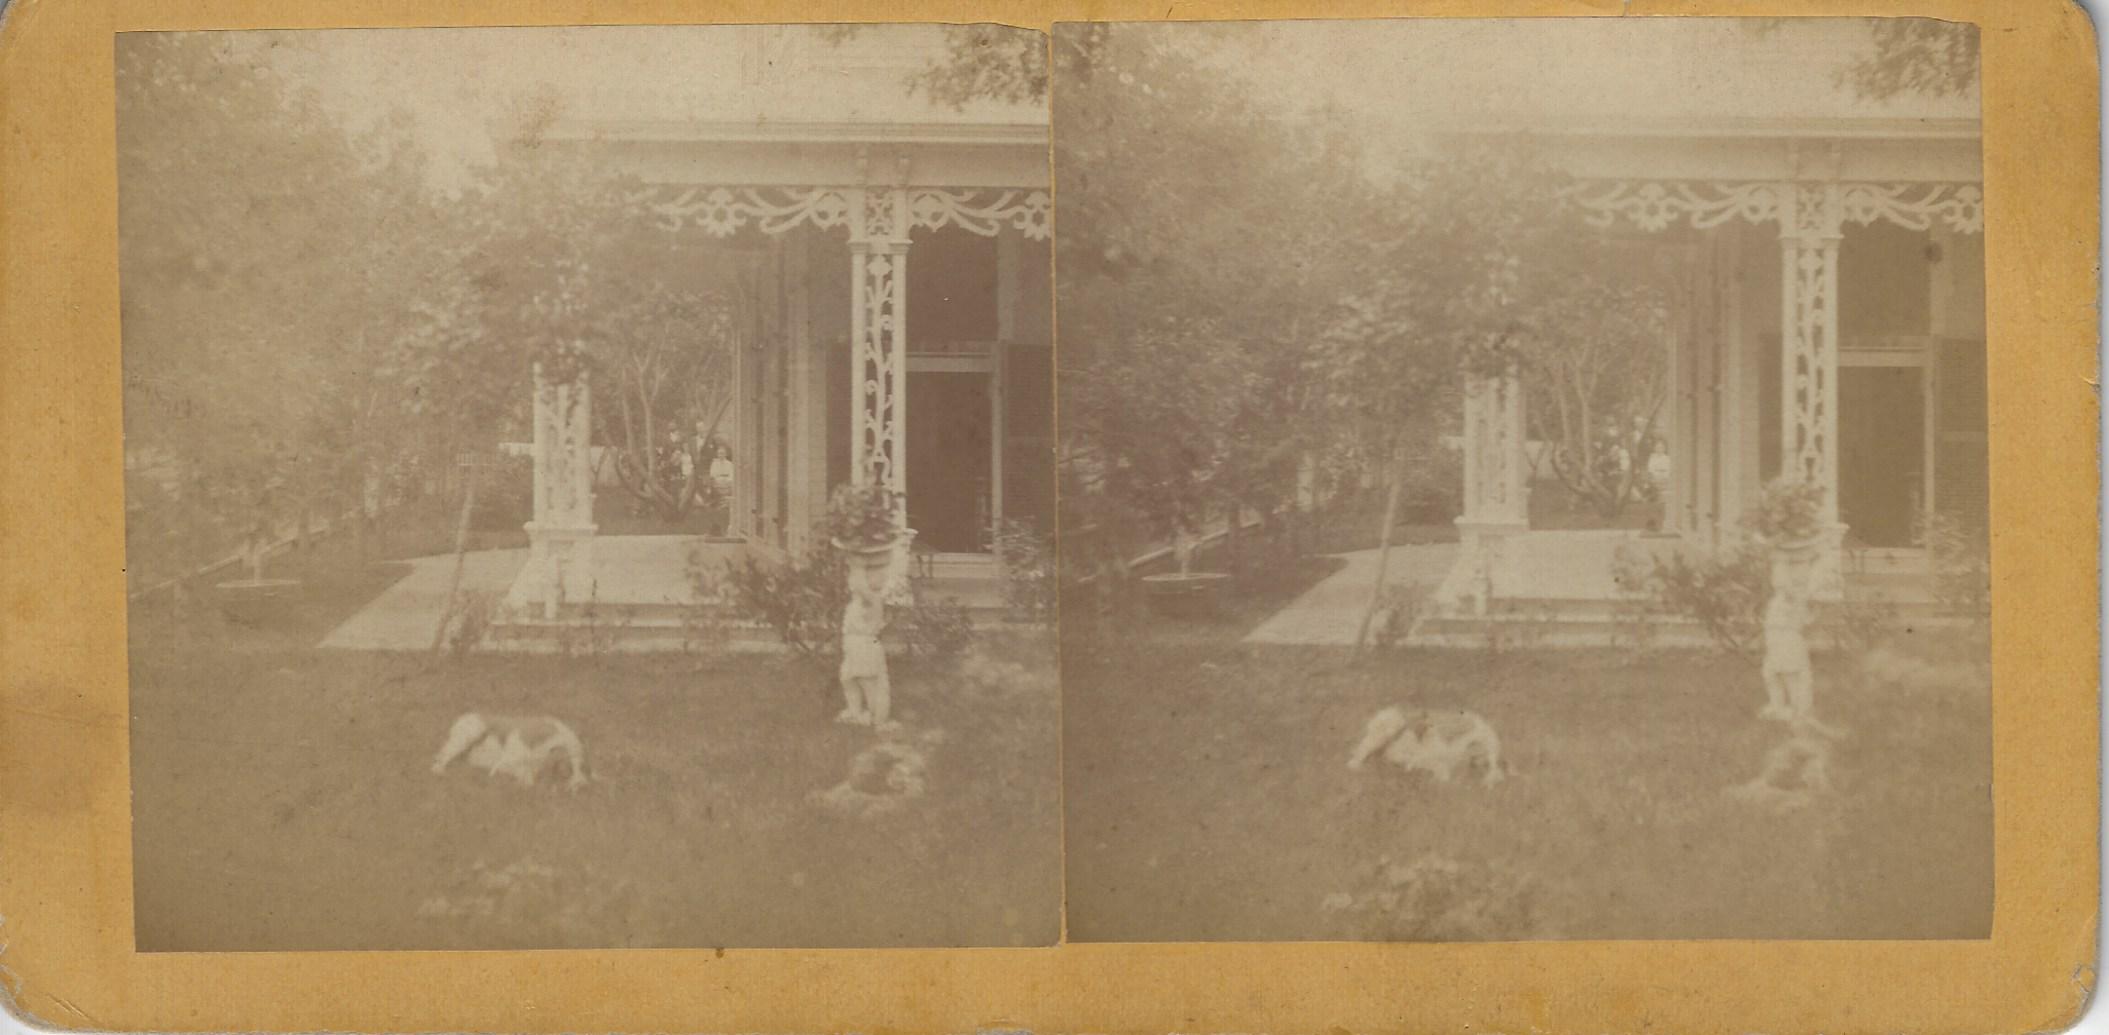 LJTP 100.278 - S. Root - W.H. Peabody Home - Jun 26 1875